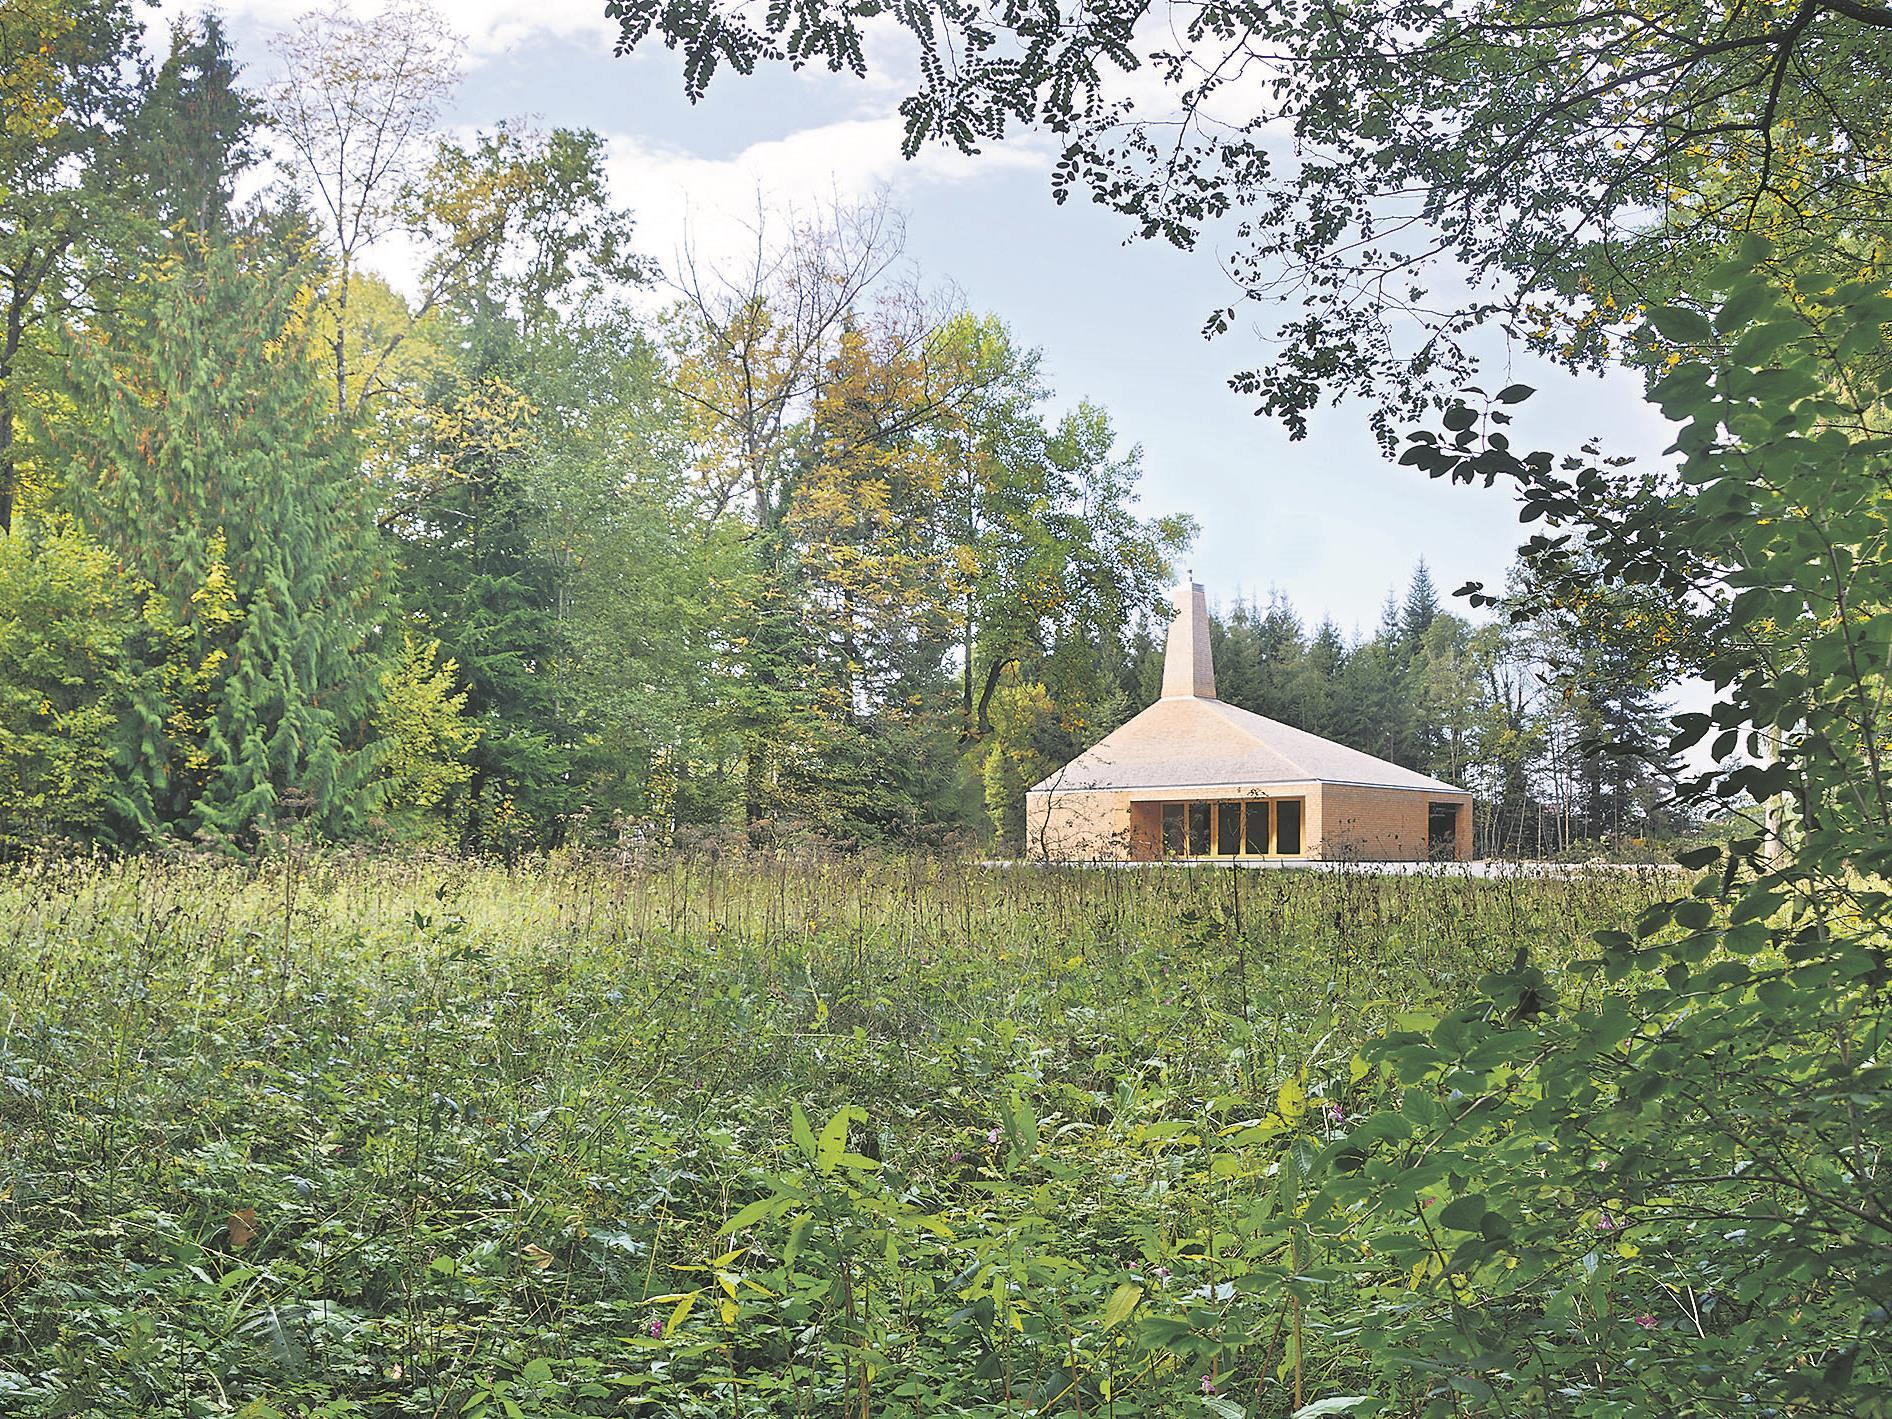 Während die zwei Vorgängerhäuser komplett im Wald gestanden sind, steht das neue auf einer Lichtung.